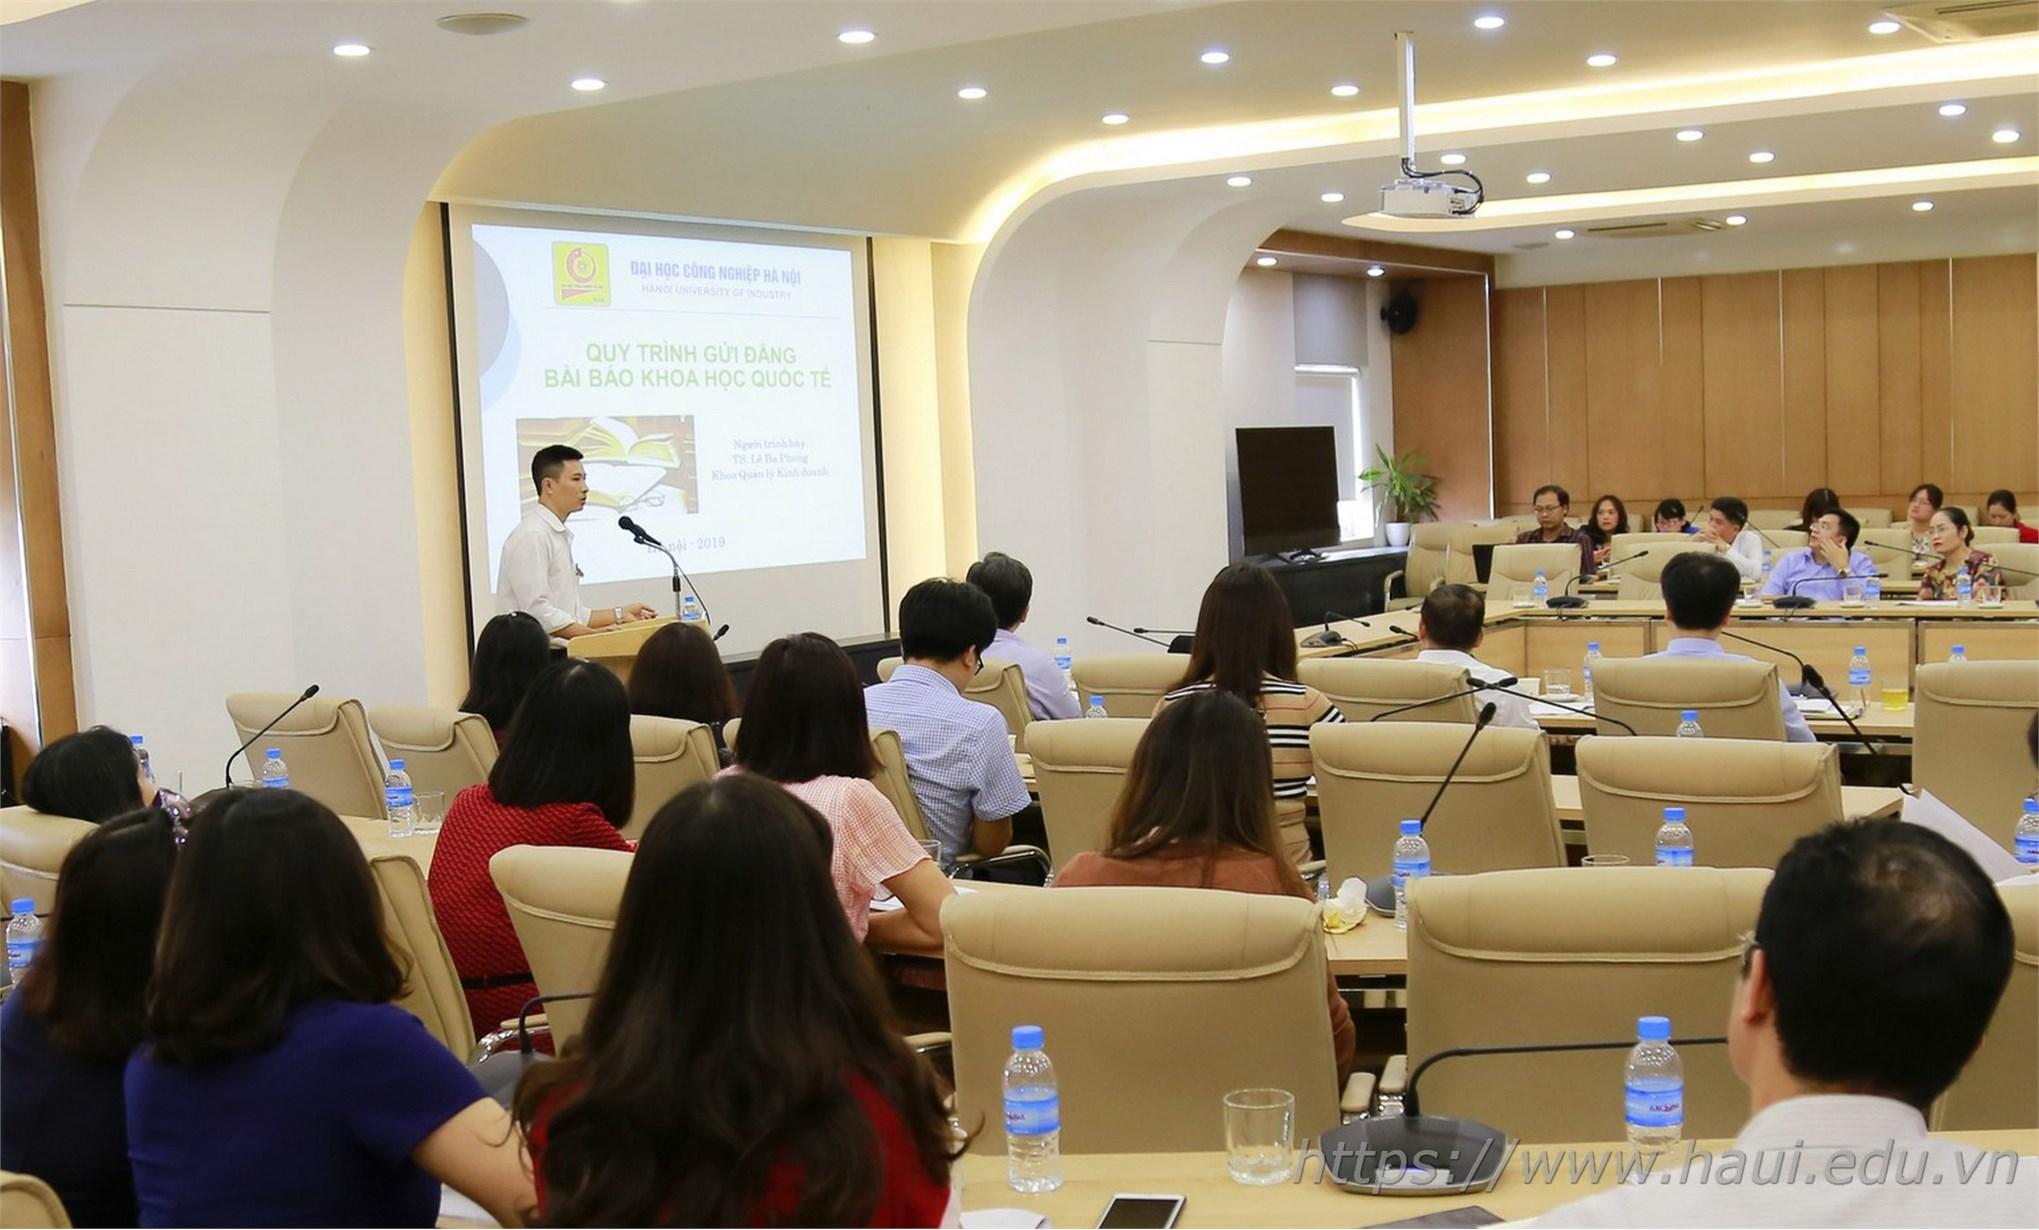 TS. Lê Ba Phong thuyết trình về quy trình gửi đăng bài báo khoa học quốc tế tại Hội nghị Khoa học trường Đại học Công nghiệp Hà Nội năm 2019